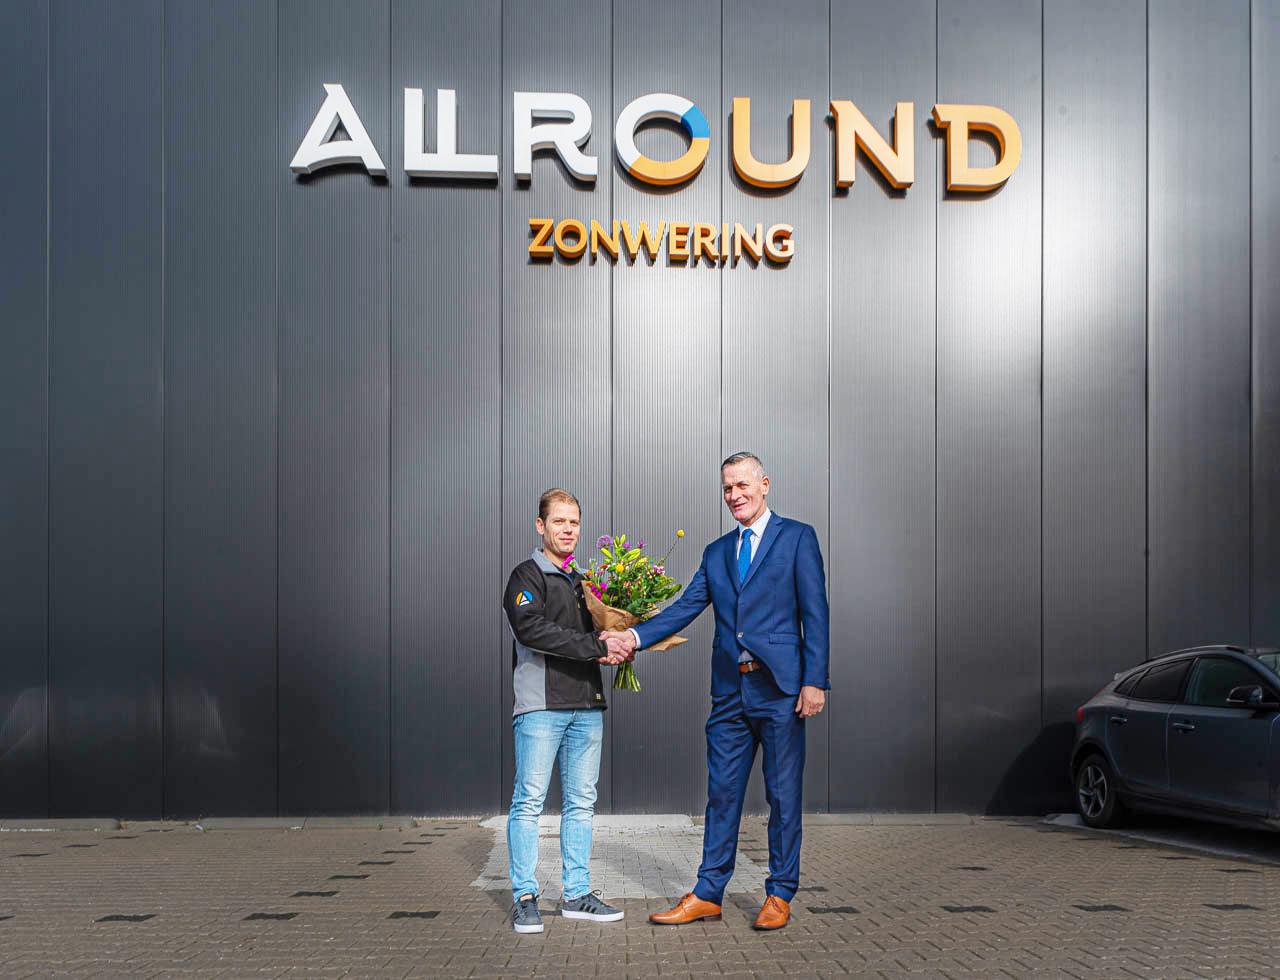 Allround Zonwering nieuwe sponsor - Elburger SC